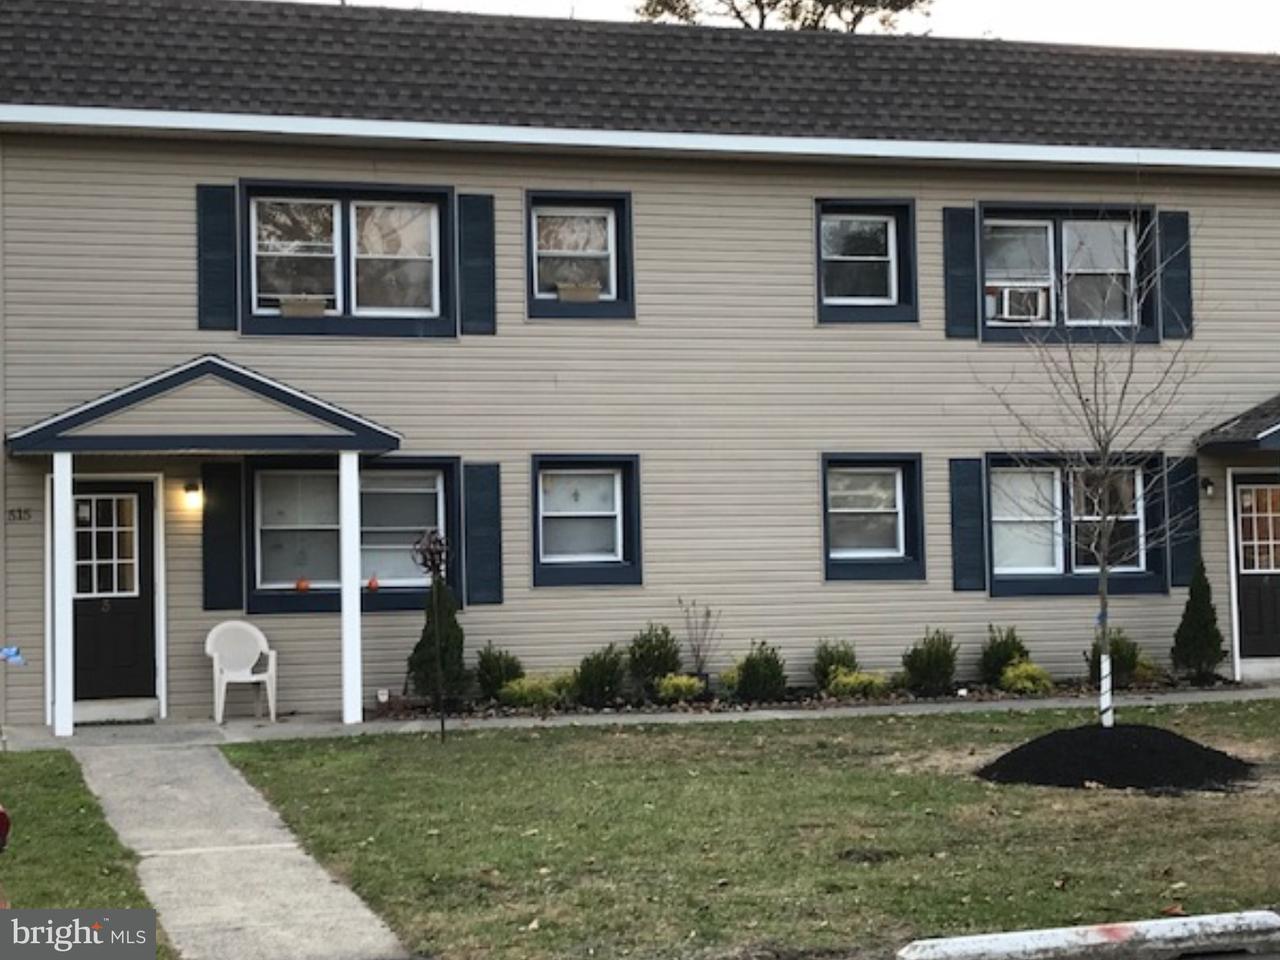 Частный односемейный дом для того Аренда на 515 SURREY AVE #1B Berlin, Нью-Джерси 08009 Соединенные Штаты